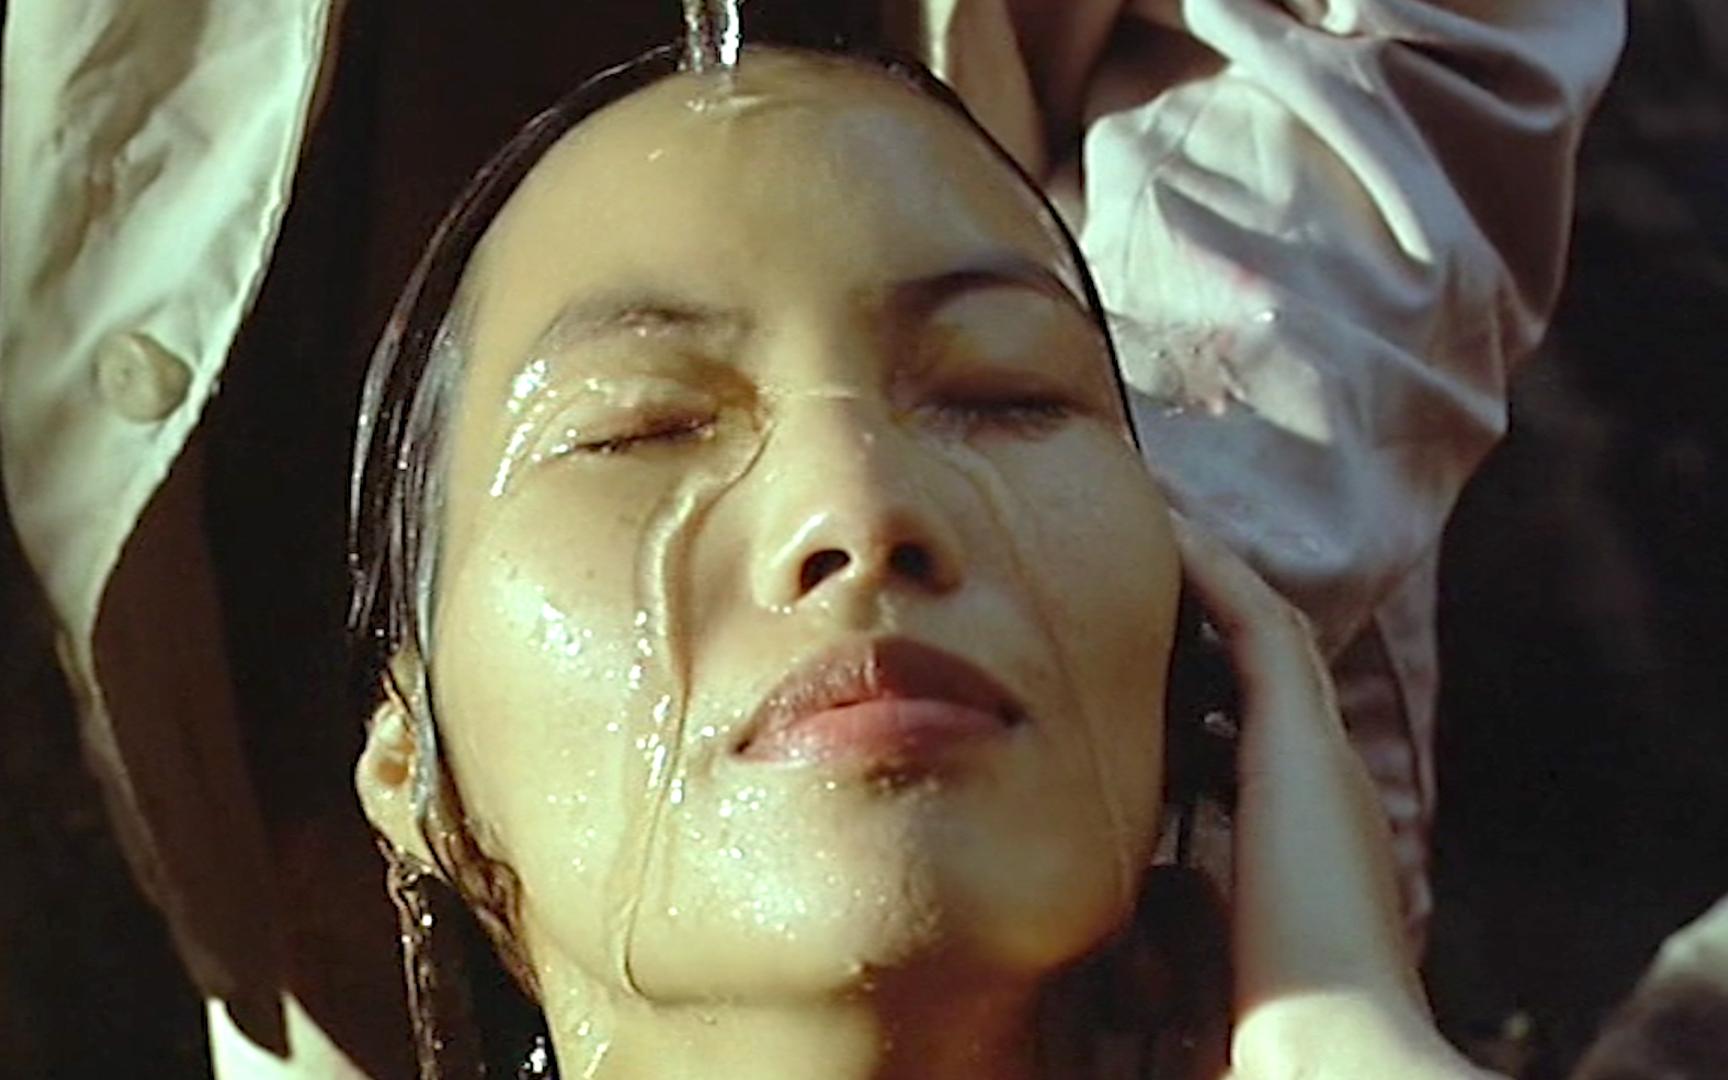 揭开了越南人难以启齿的痛,被越南禁止上映!让人看得触目惊心!《三轮车夫》